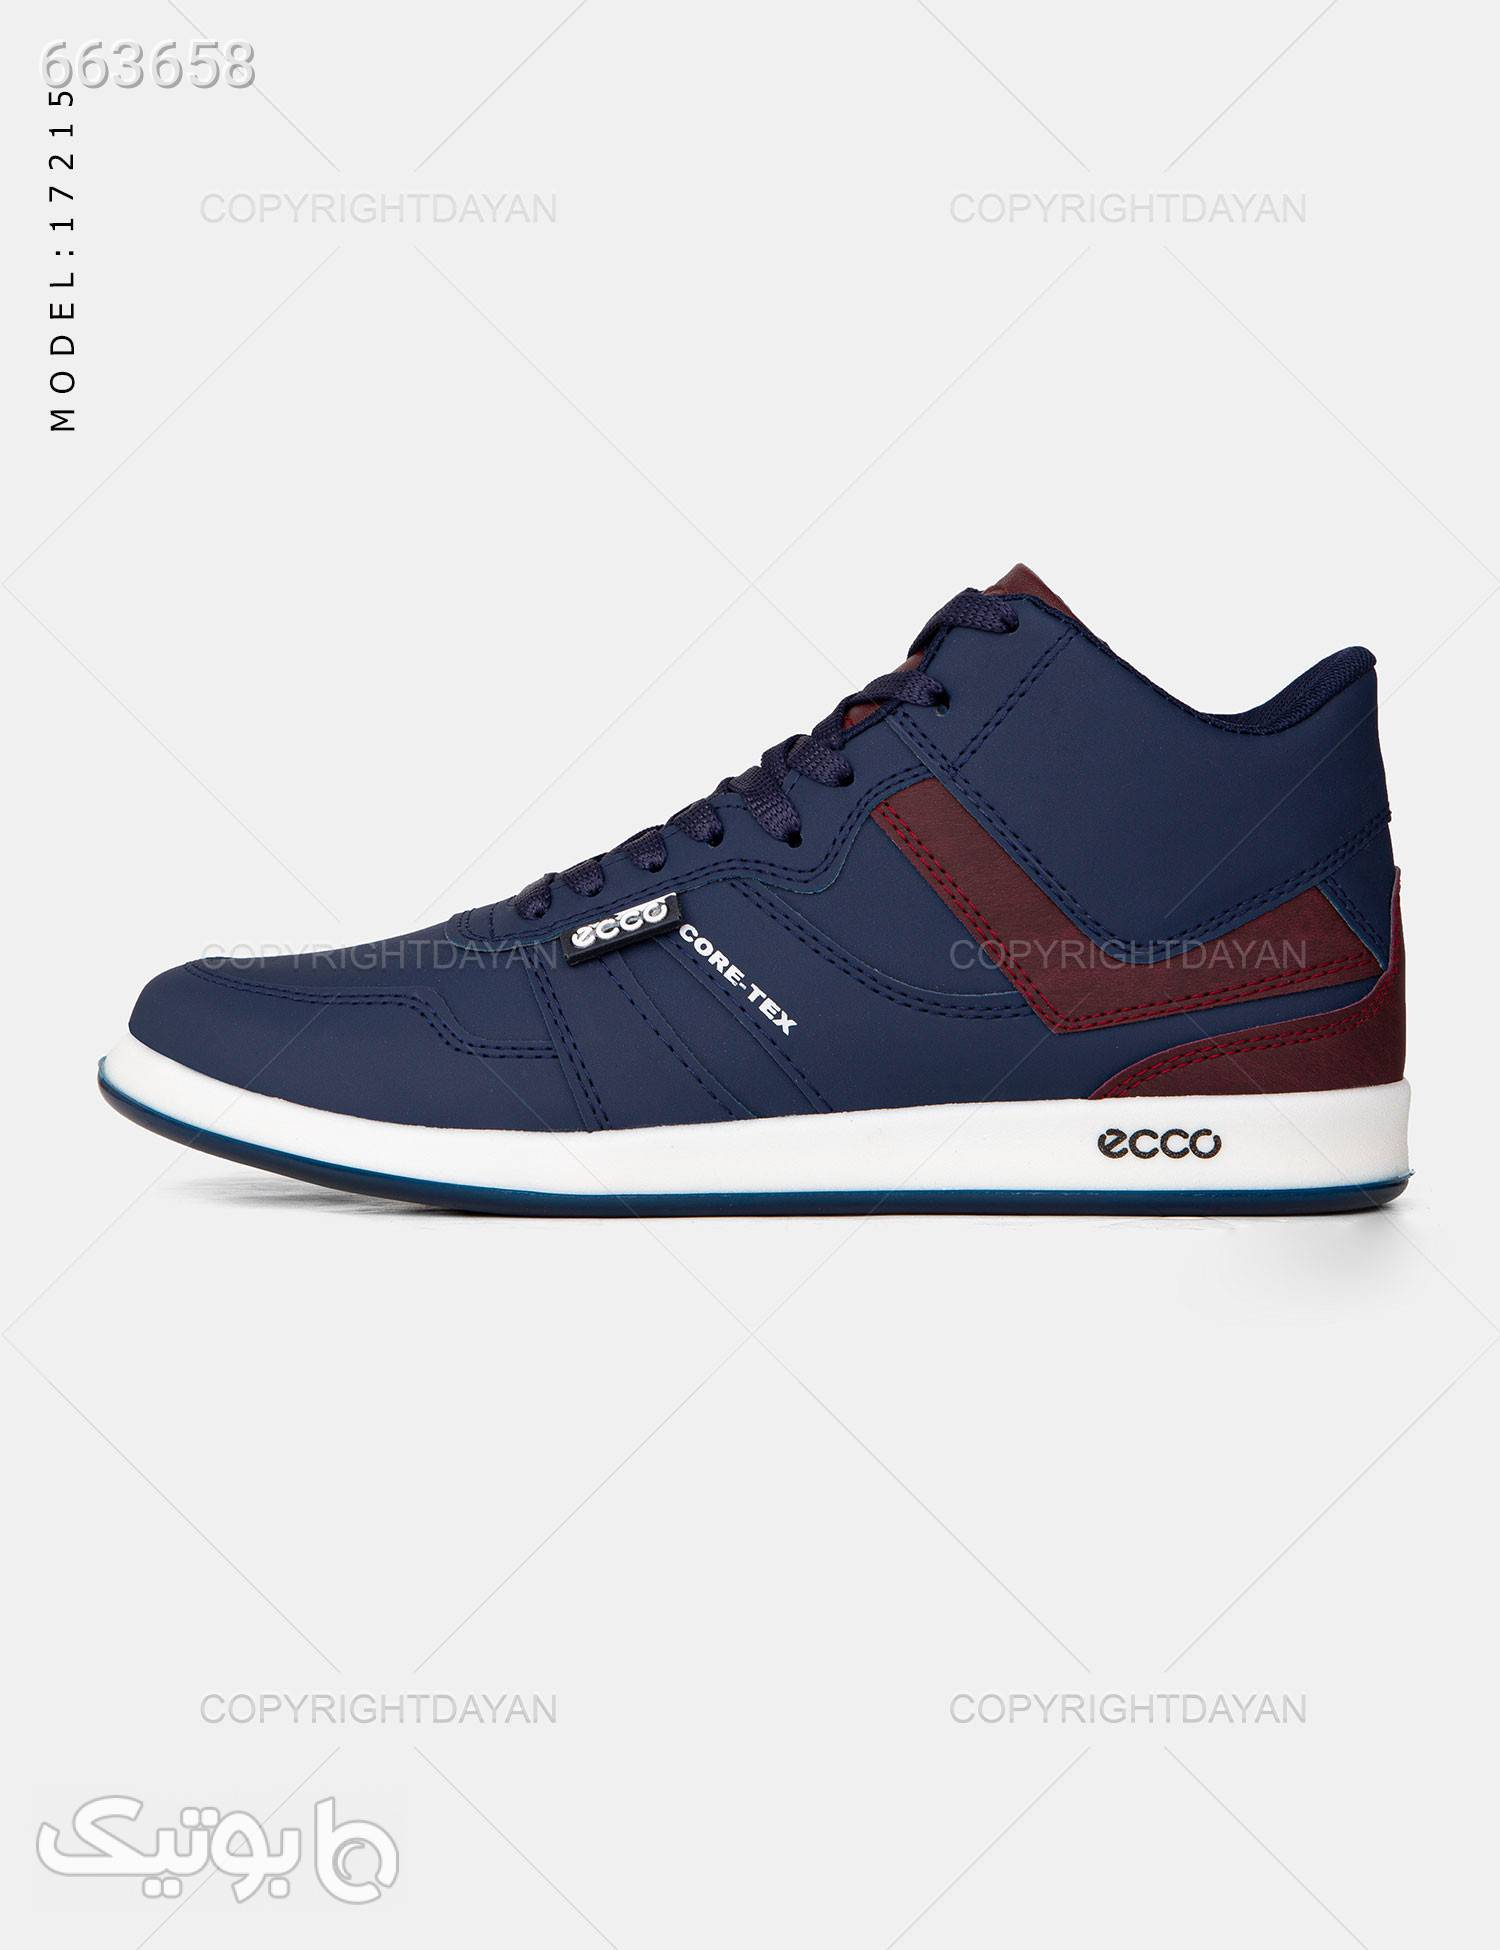 کفش ساقدار مردانه Ecco مدل 17215 سورمه ای كفش مردانه